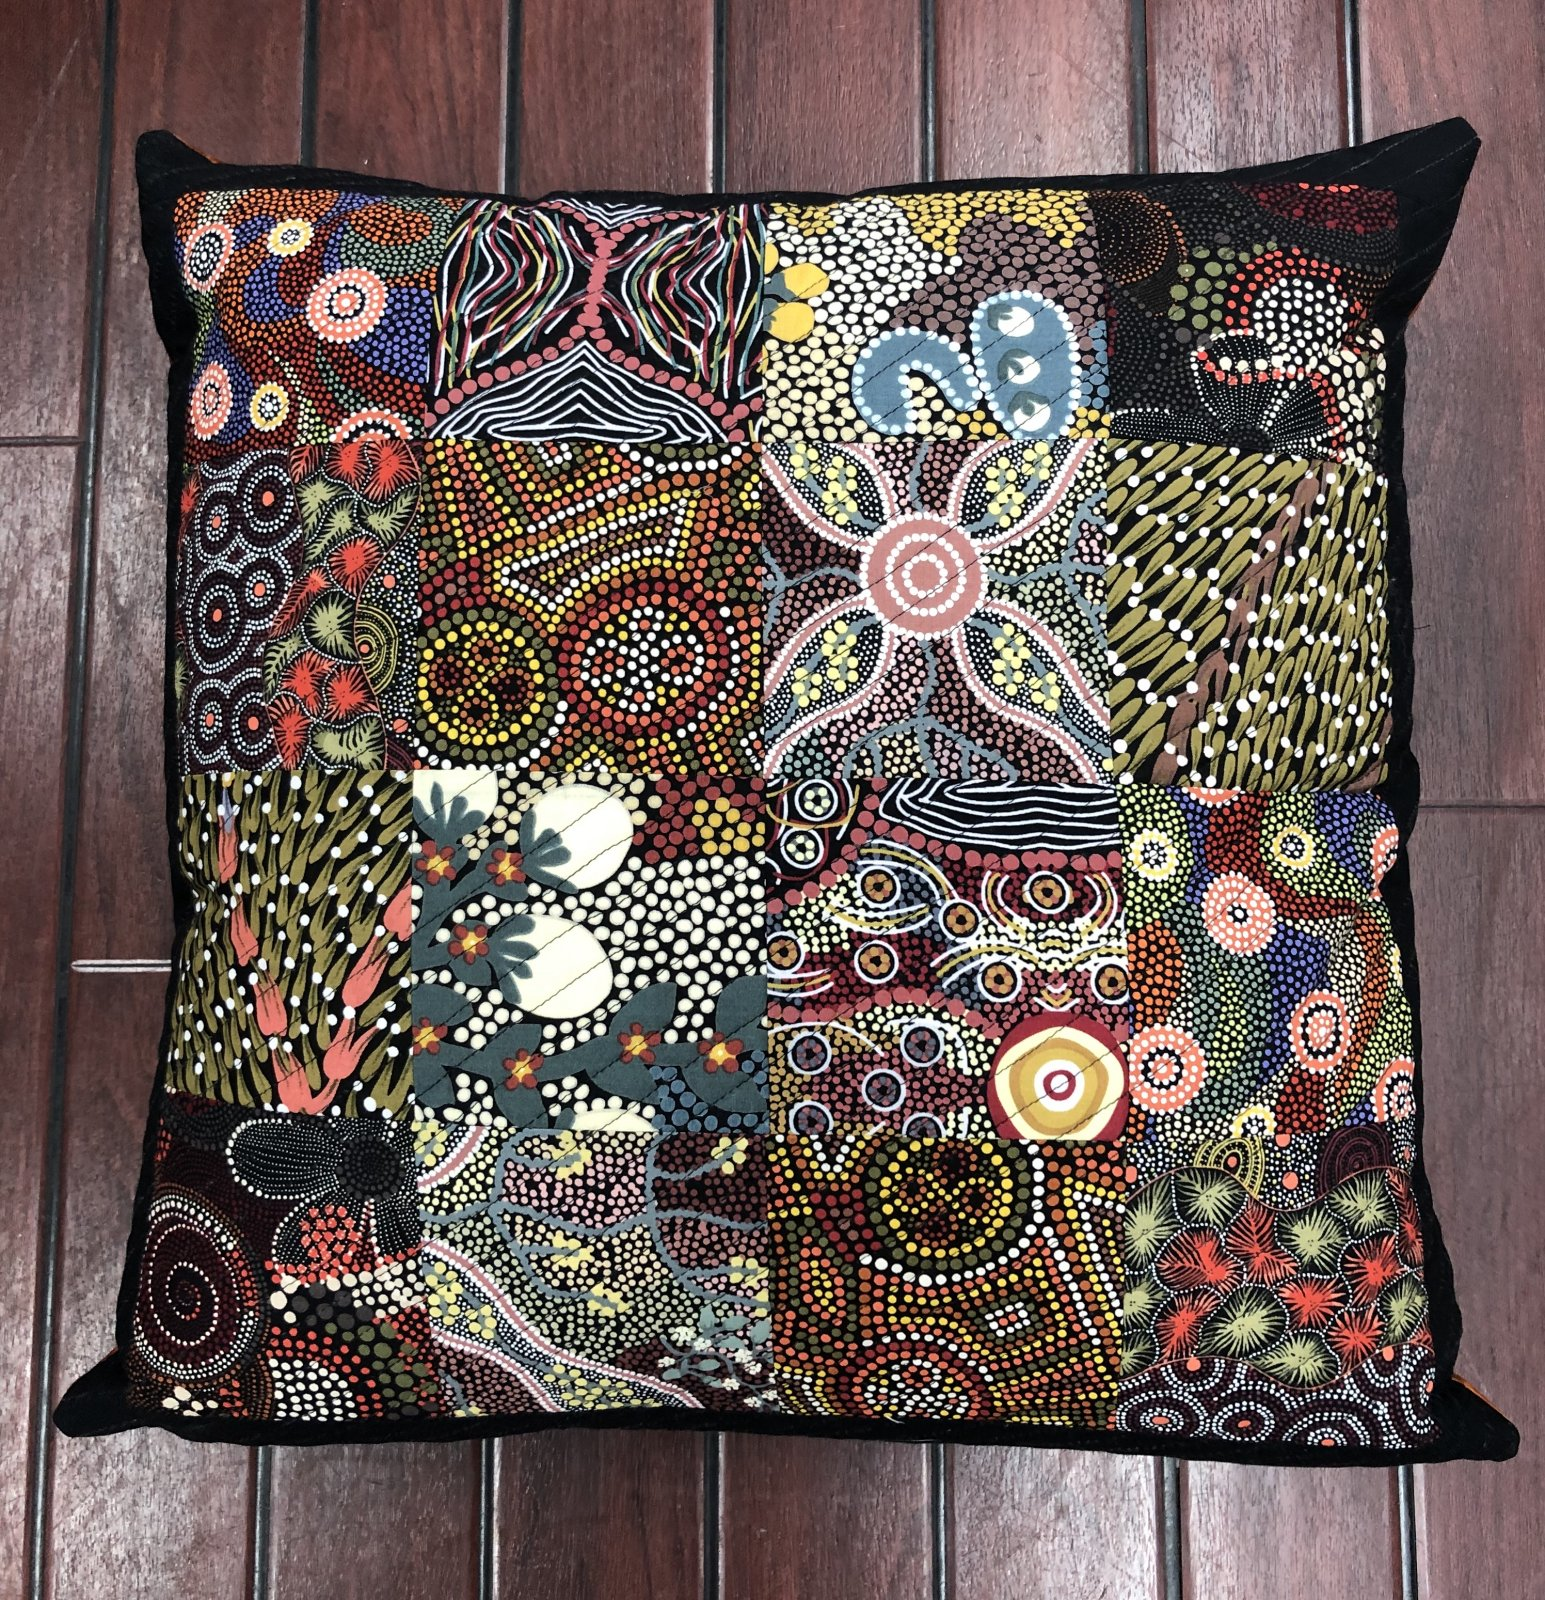 Bush Spice Cushion Kit